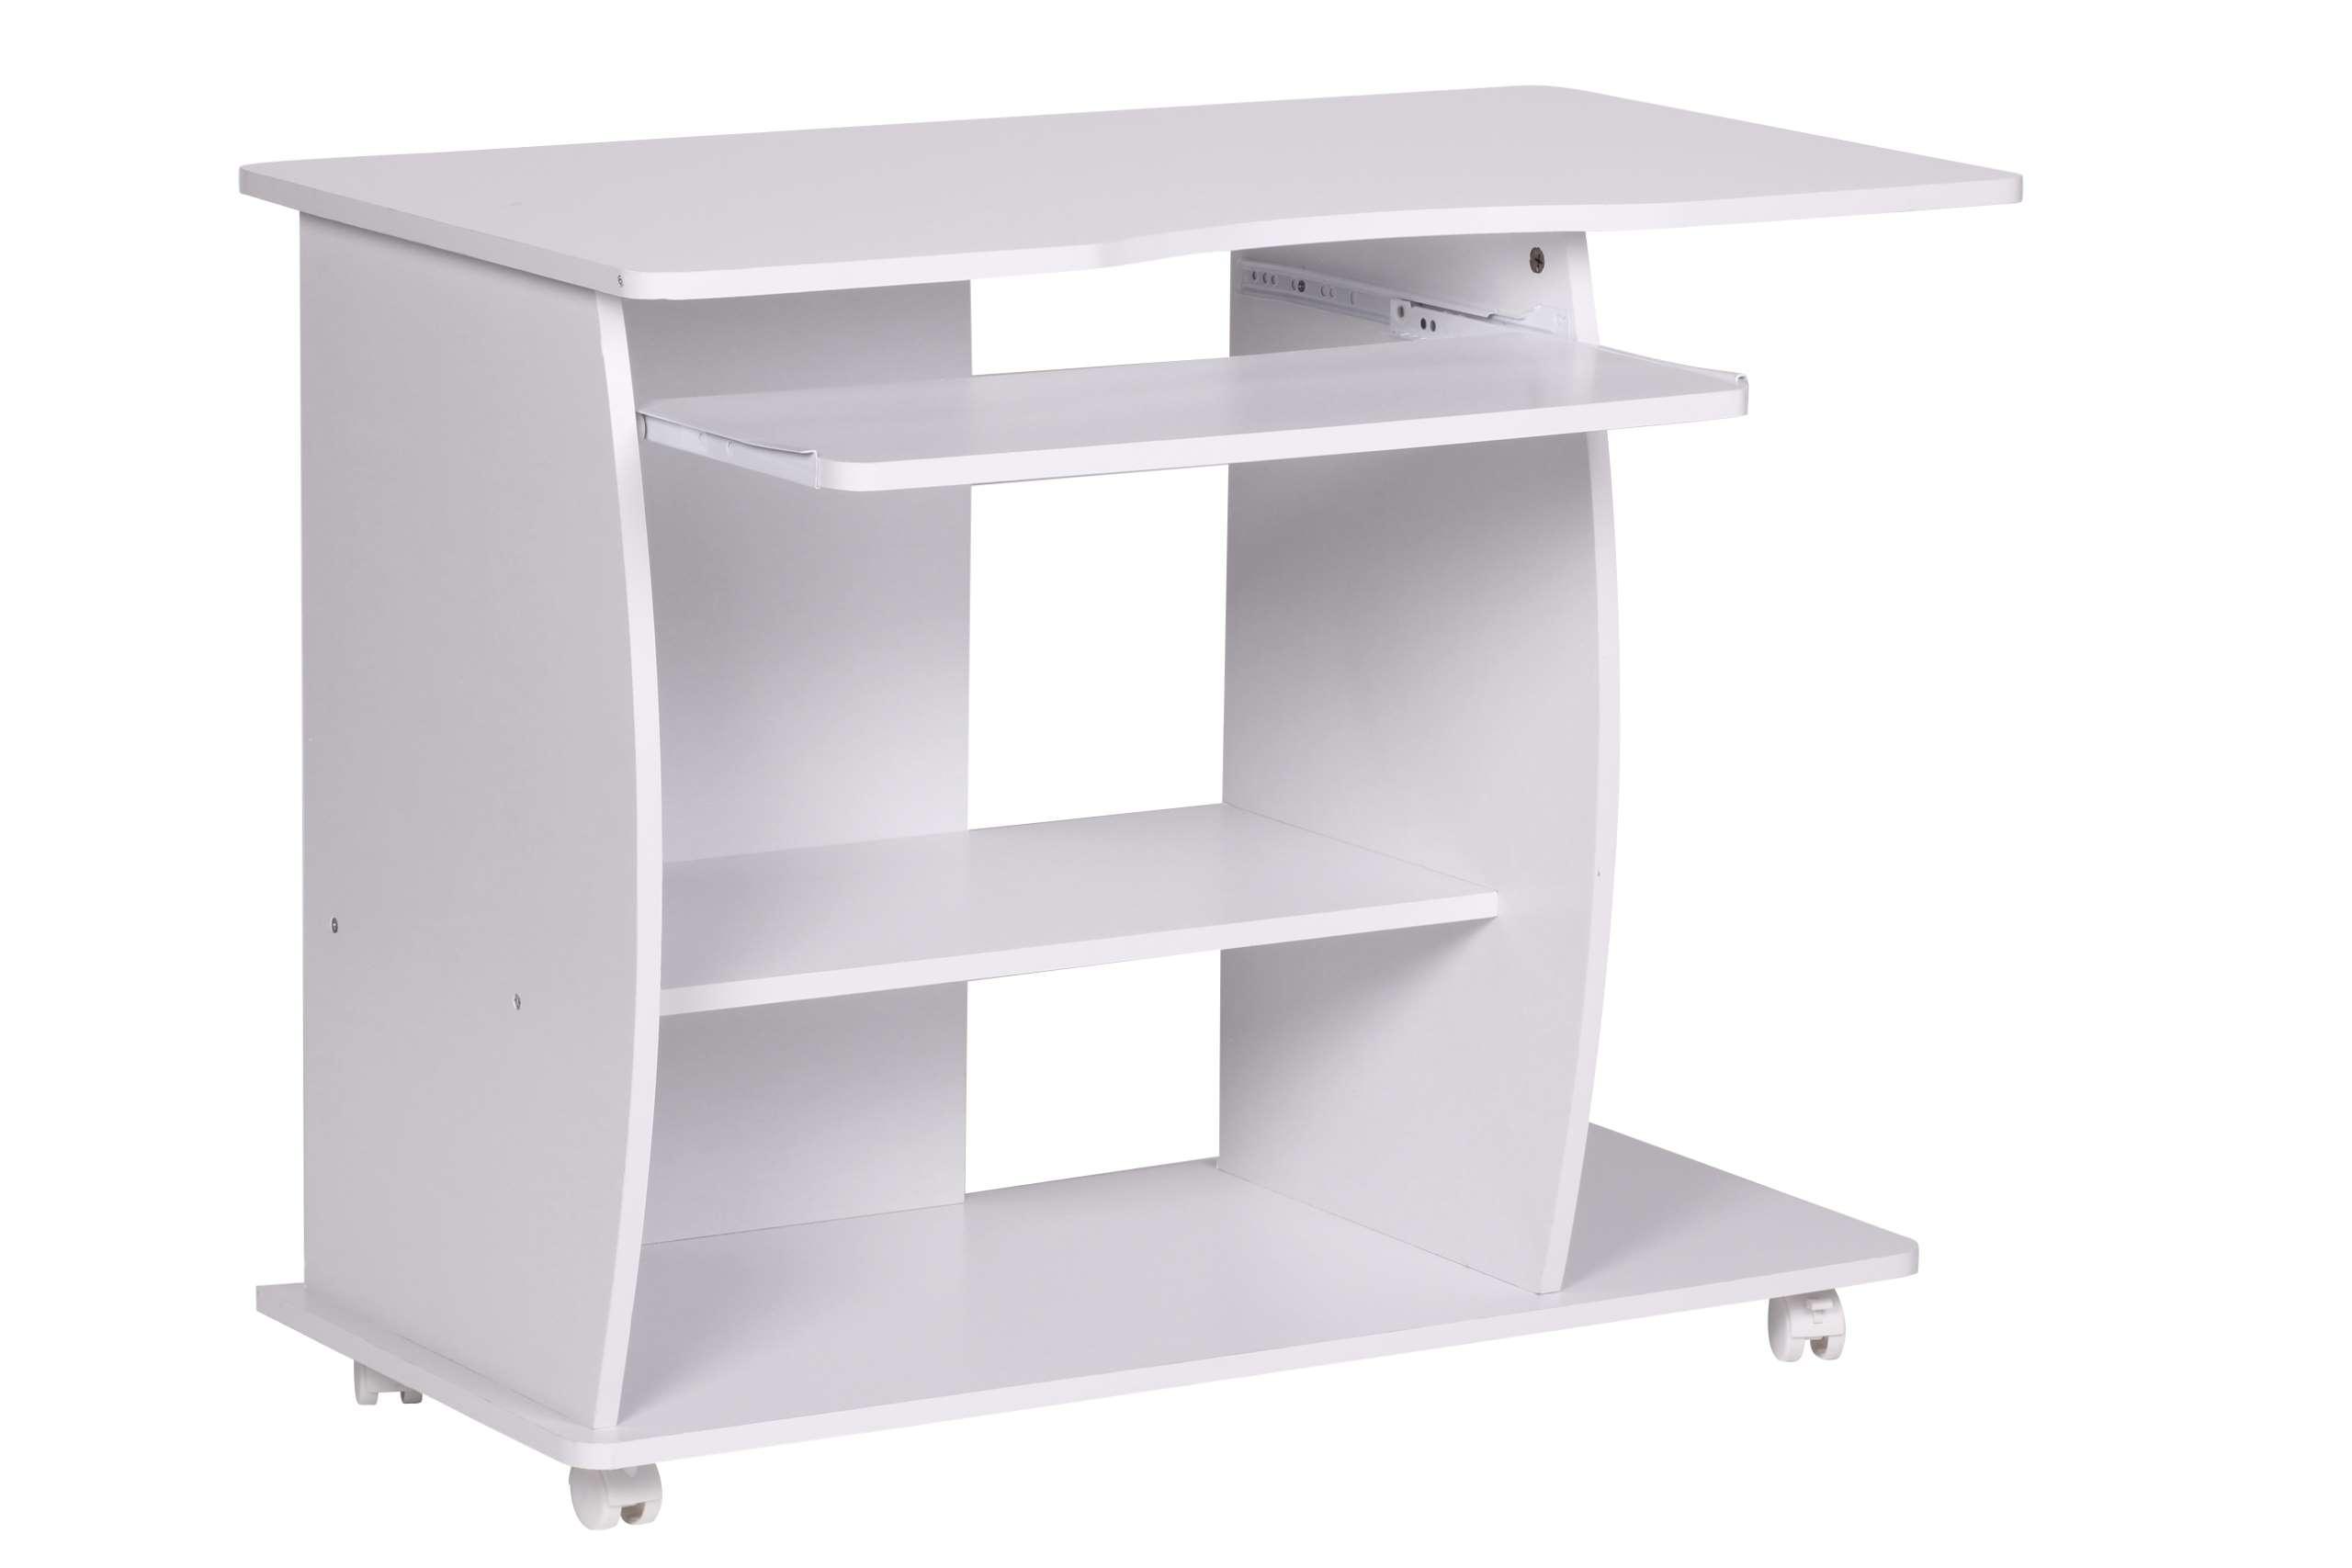 Computertisch A069, Schreibtisch Bürotisch, Mit Rollen, 90x71x50cm ~ Weiß